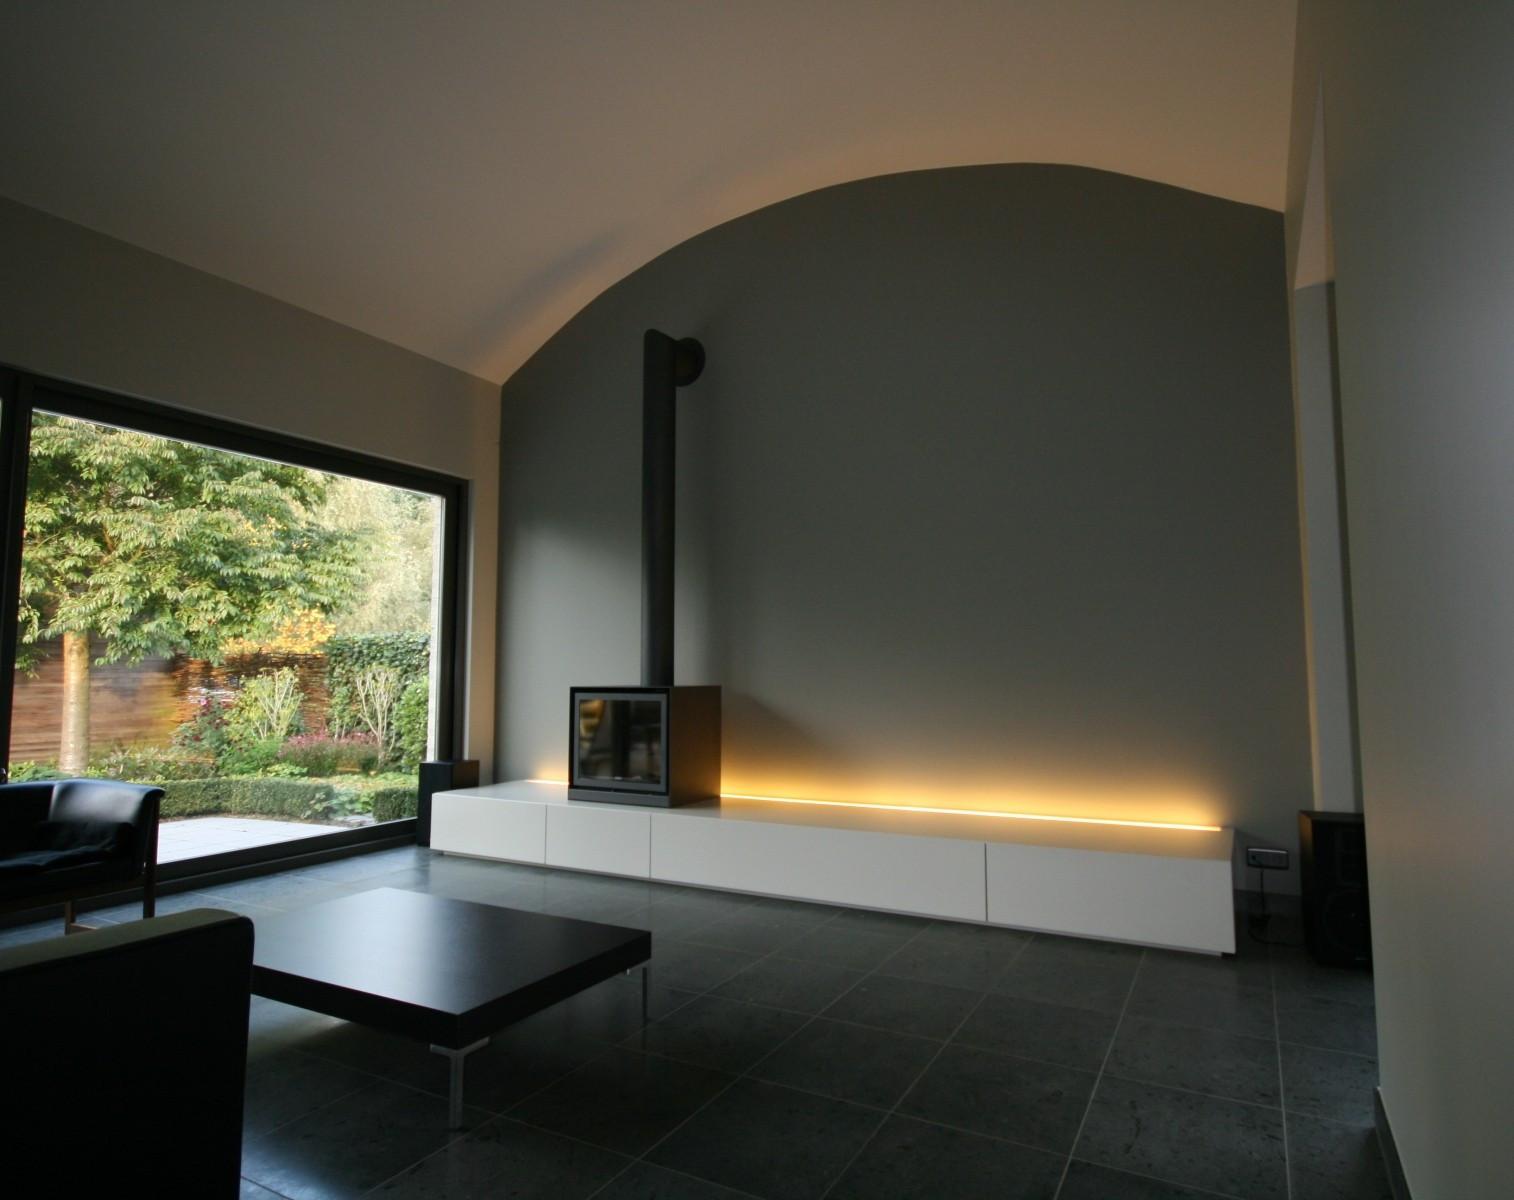 zwevend meubel met indirecte verlichting